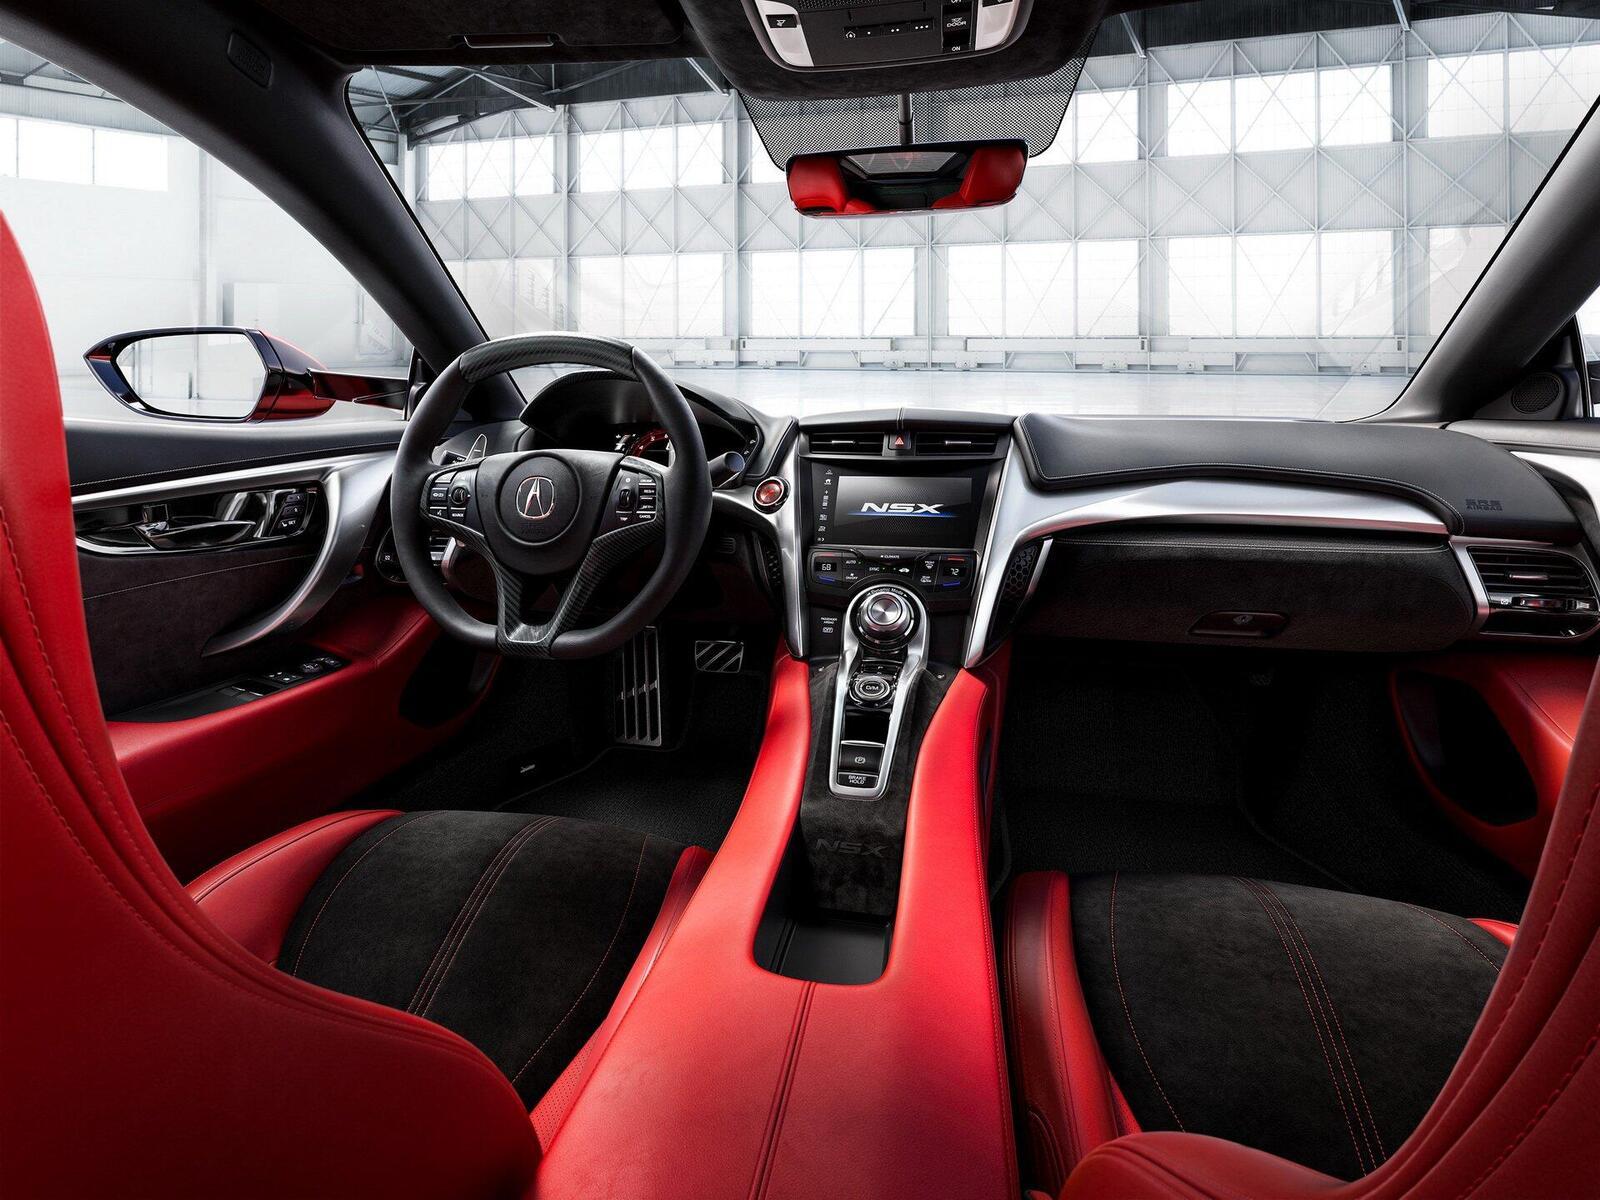 Siêu xe Acura NSX 2019 động cơ hybrid chốt giá từ 157.500 USD - Hình 7